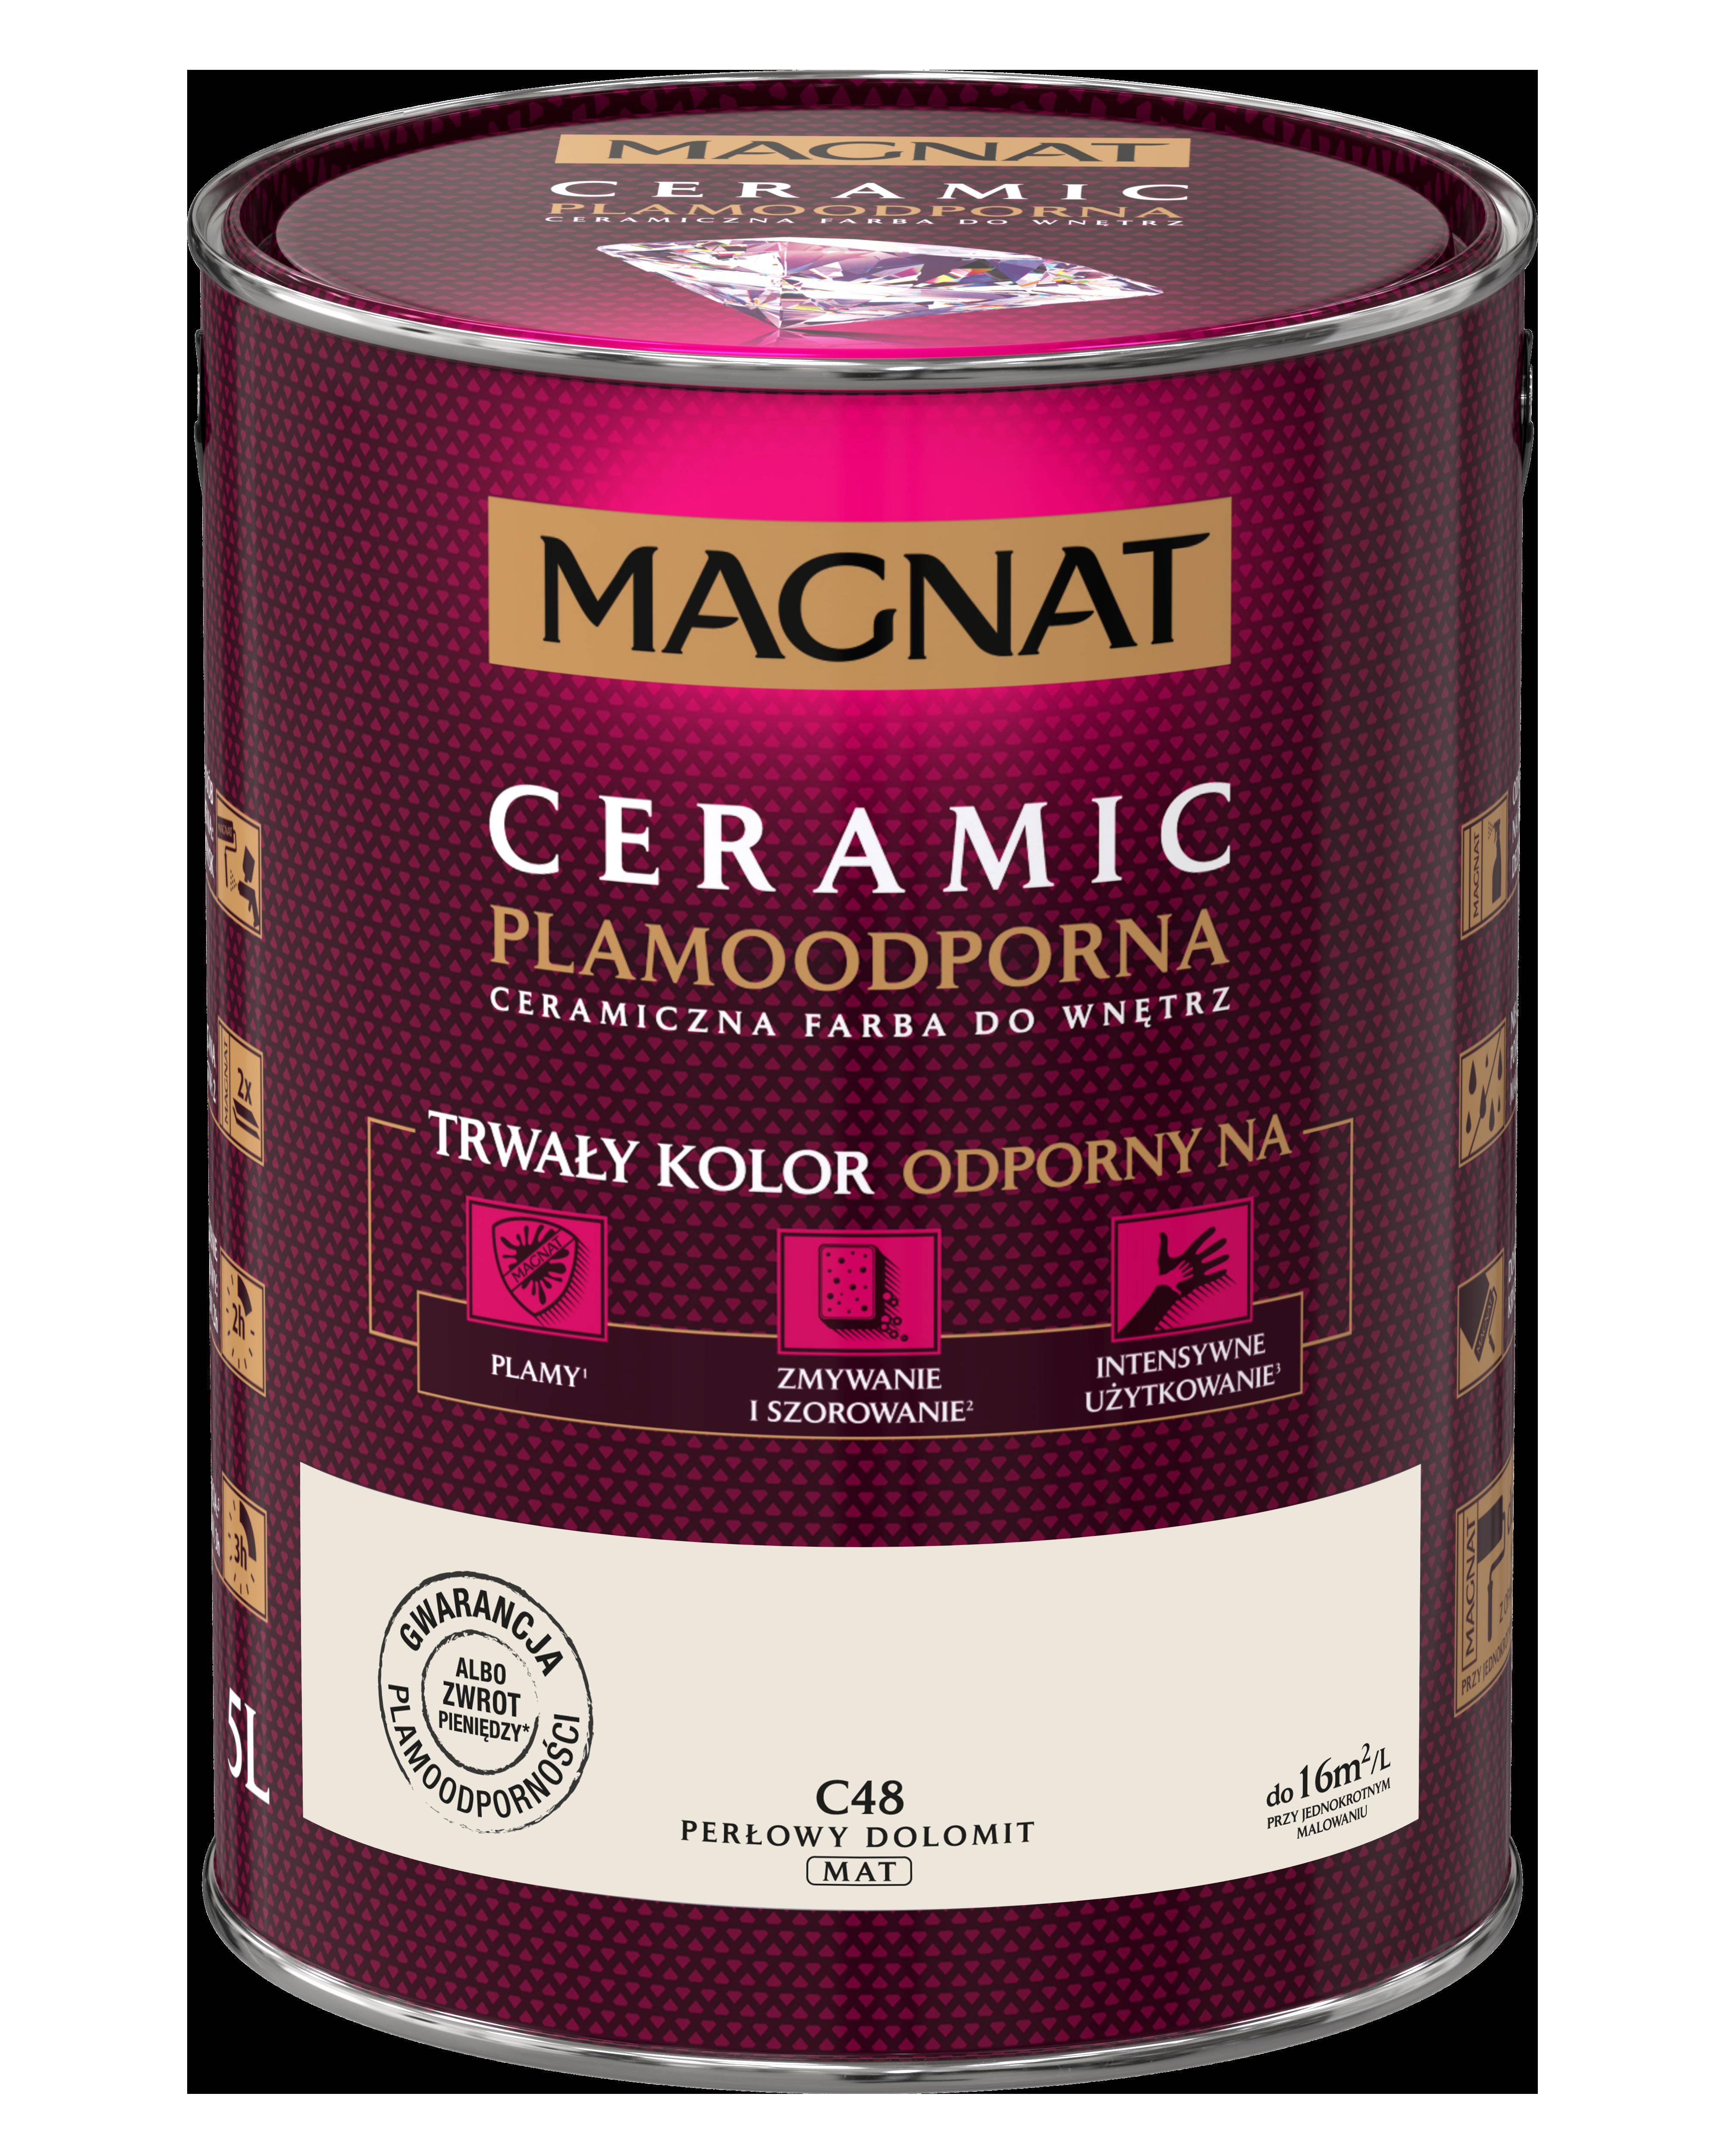 MAGNAT Ceramic C48 perlový dolomit   5L  §